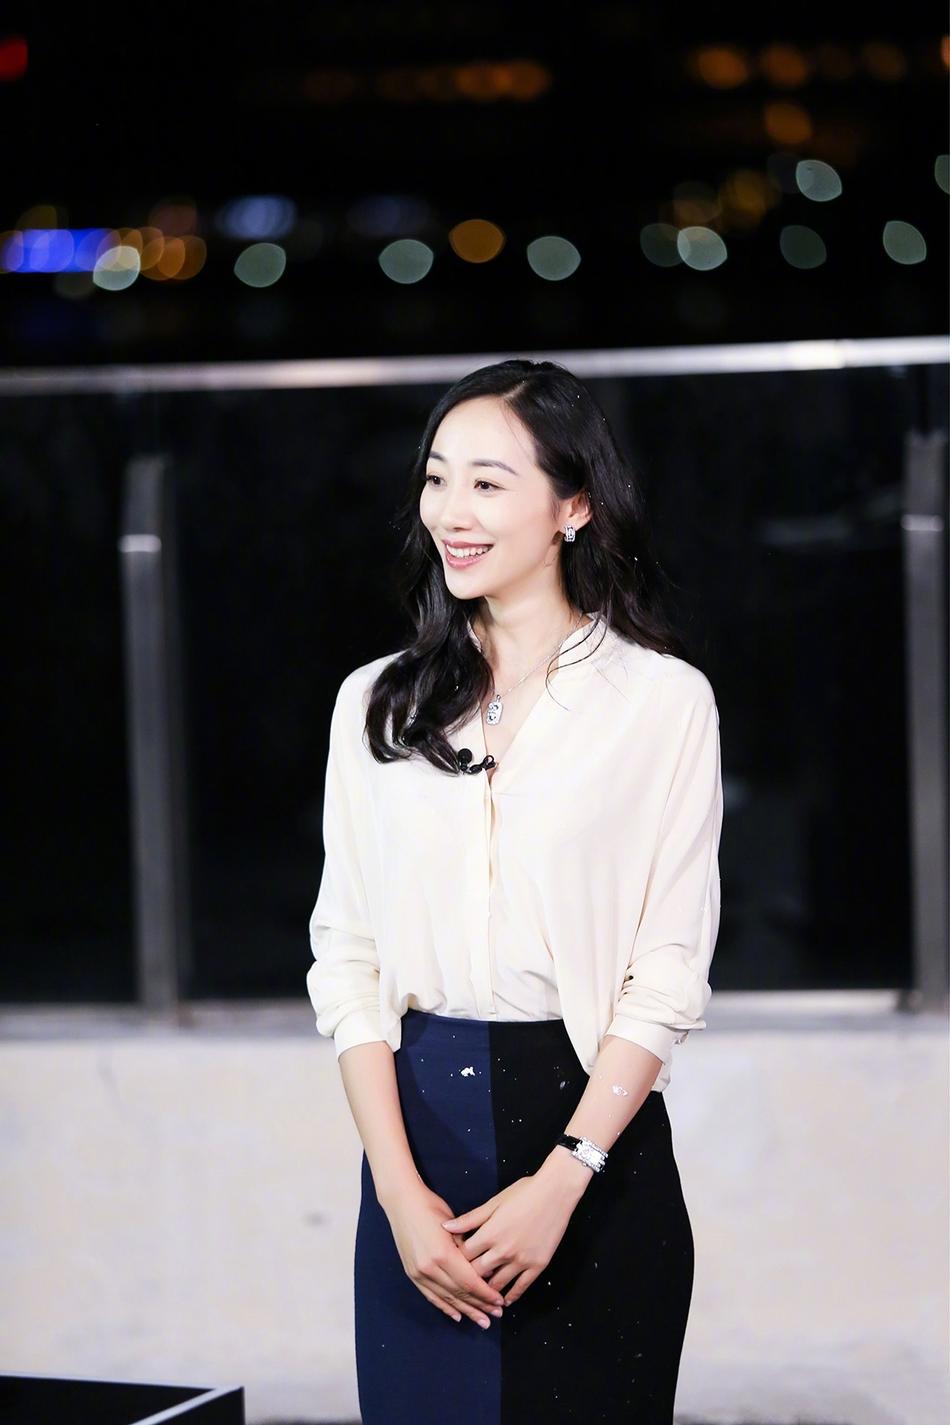 韩雪《极挑》综艺秀获好评 暖心拥抱王迅引发热议